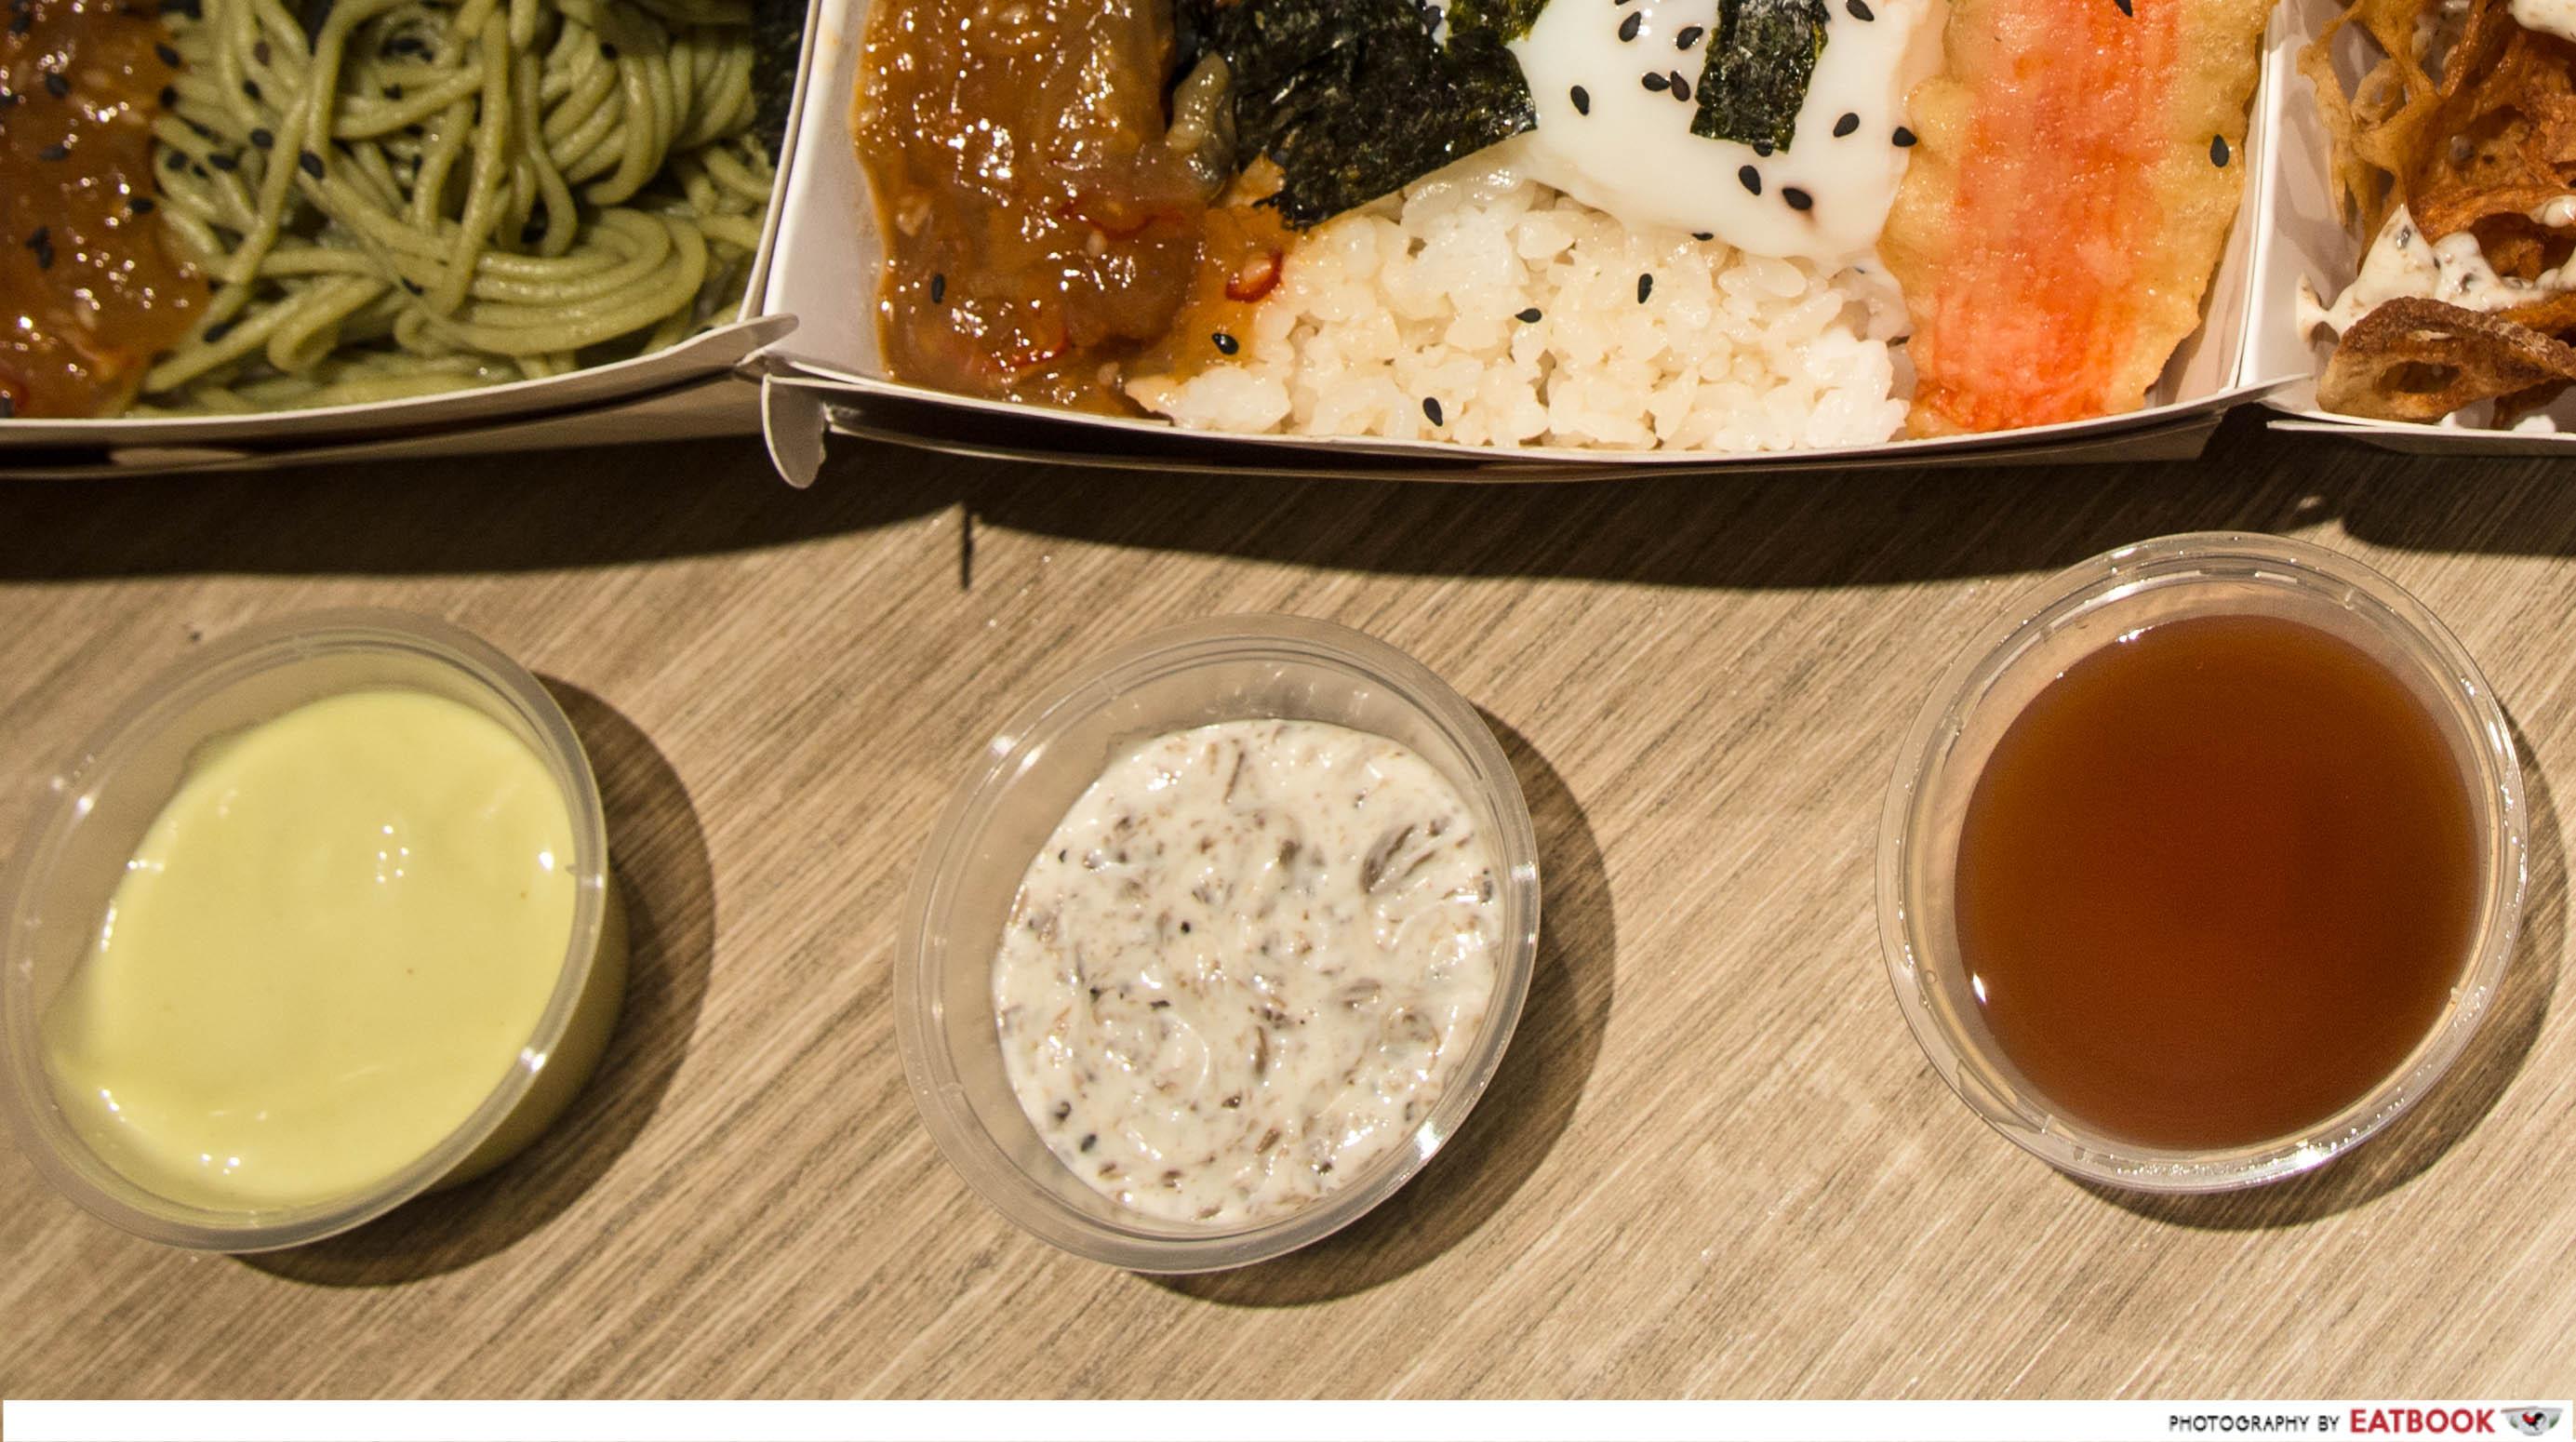 Natsu - Sauces